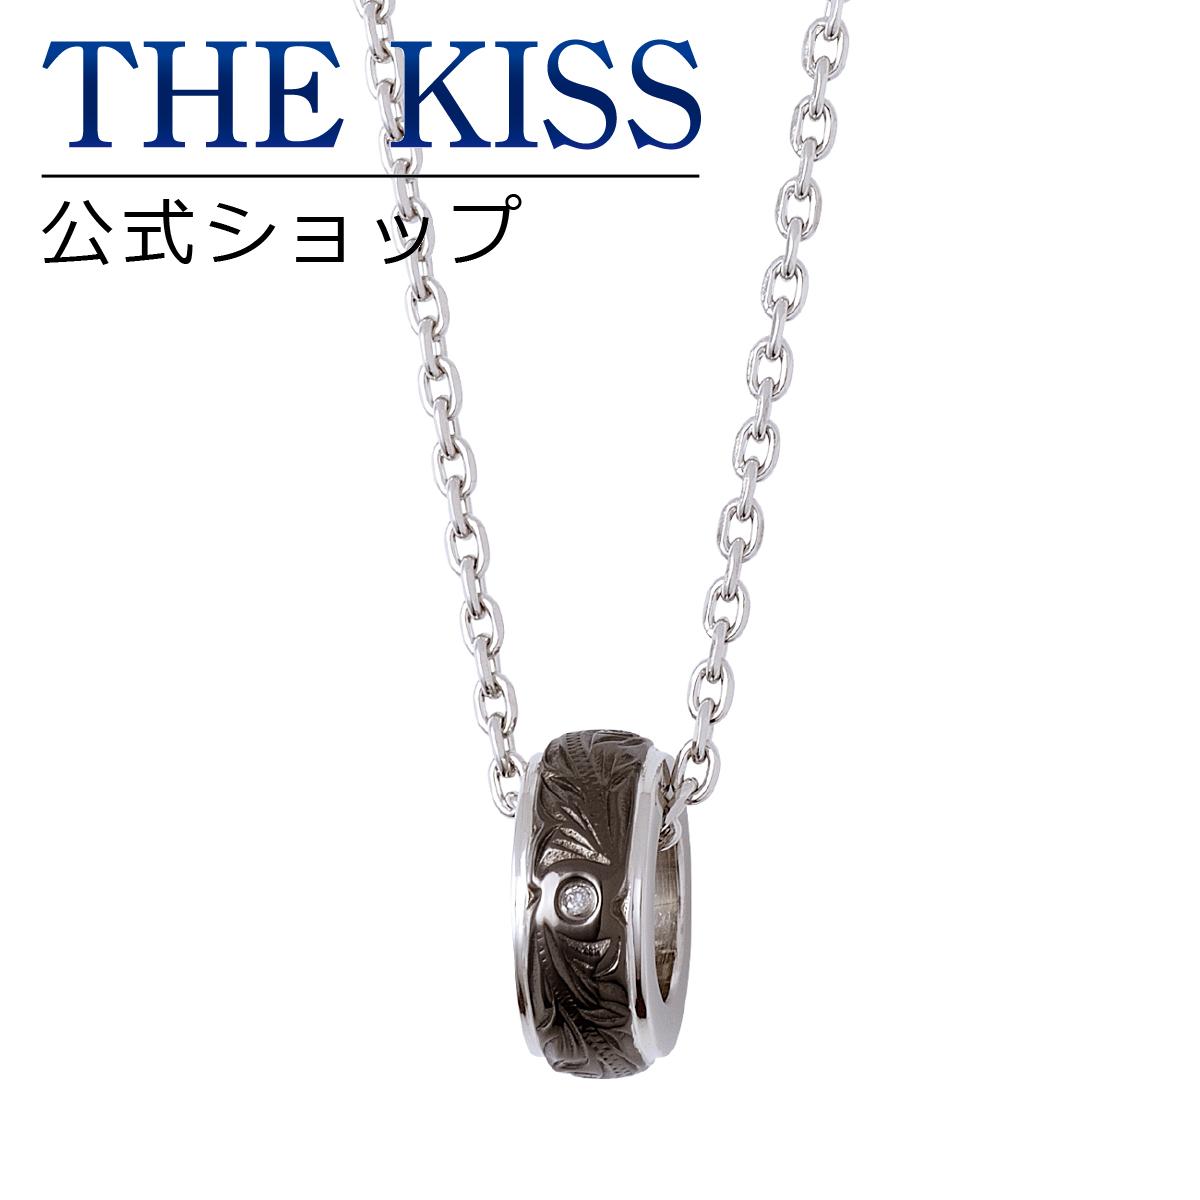 【あす楽対応】THE KISS 公式サイト ステンレス ハワイアン ペアネックレス (メンズ 単品) ペアアクセサリー カップル に 人気 の ジュエリーブランド THEKISS ペア ネックレス・ペンダント 記念日 プレゼント L-N8034DM ザキス 【送料無料】